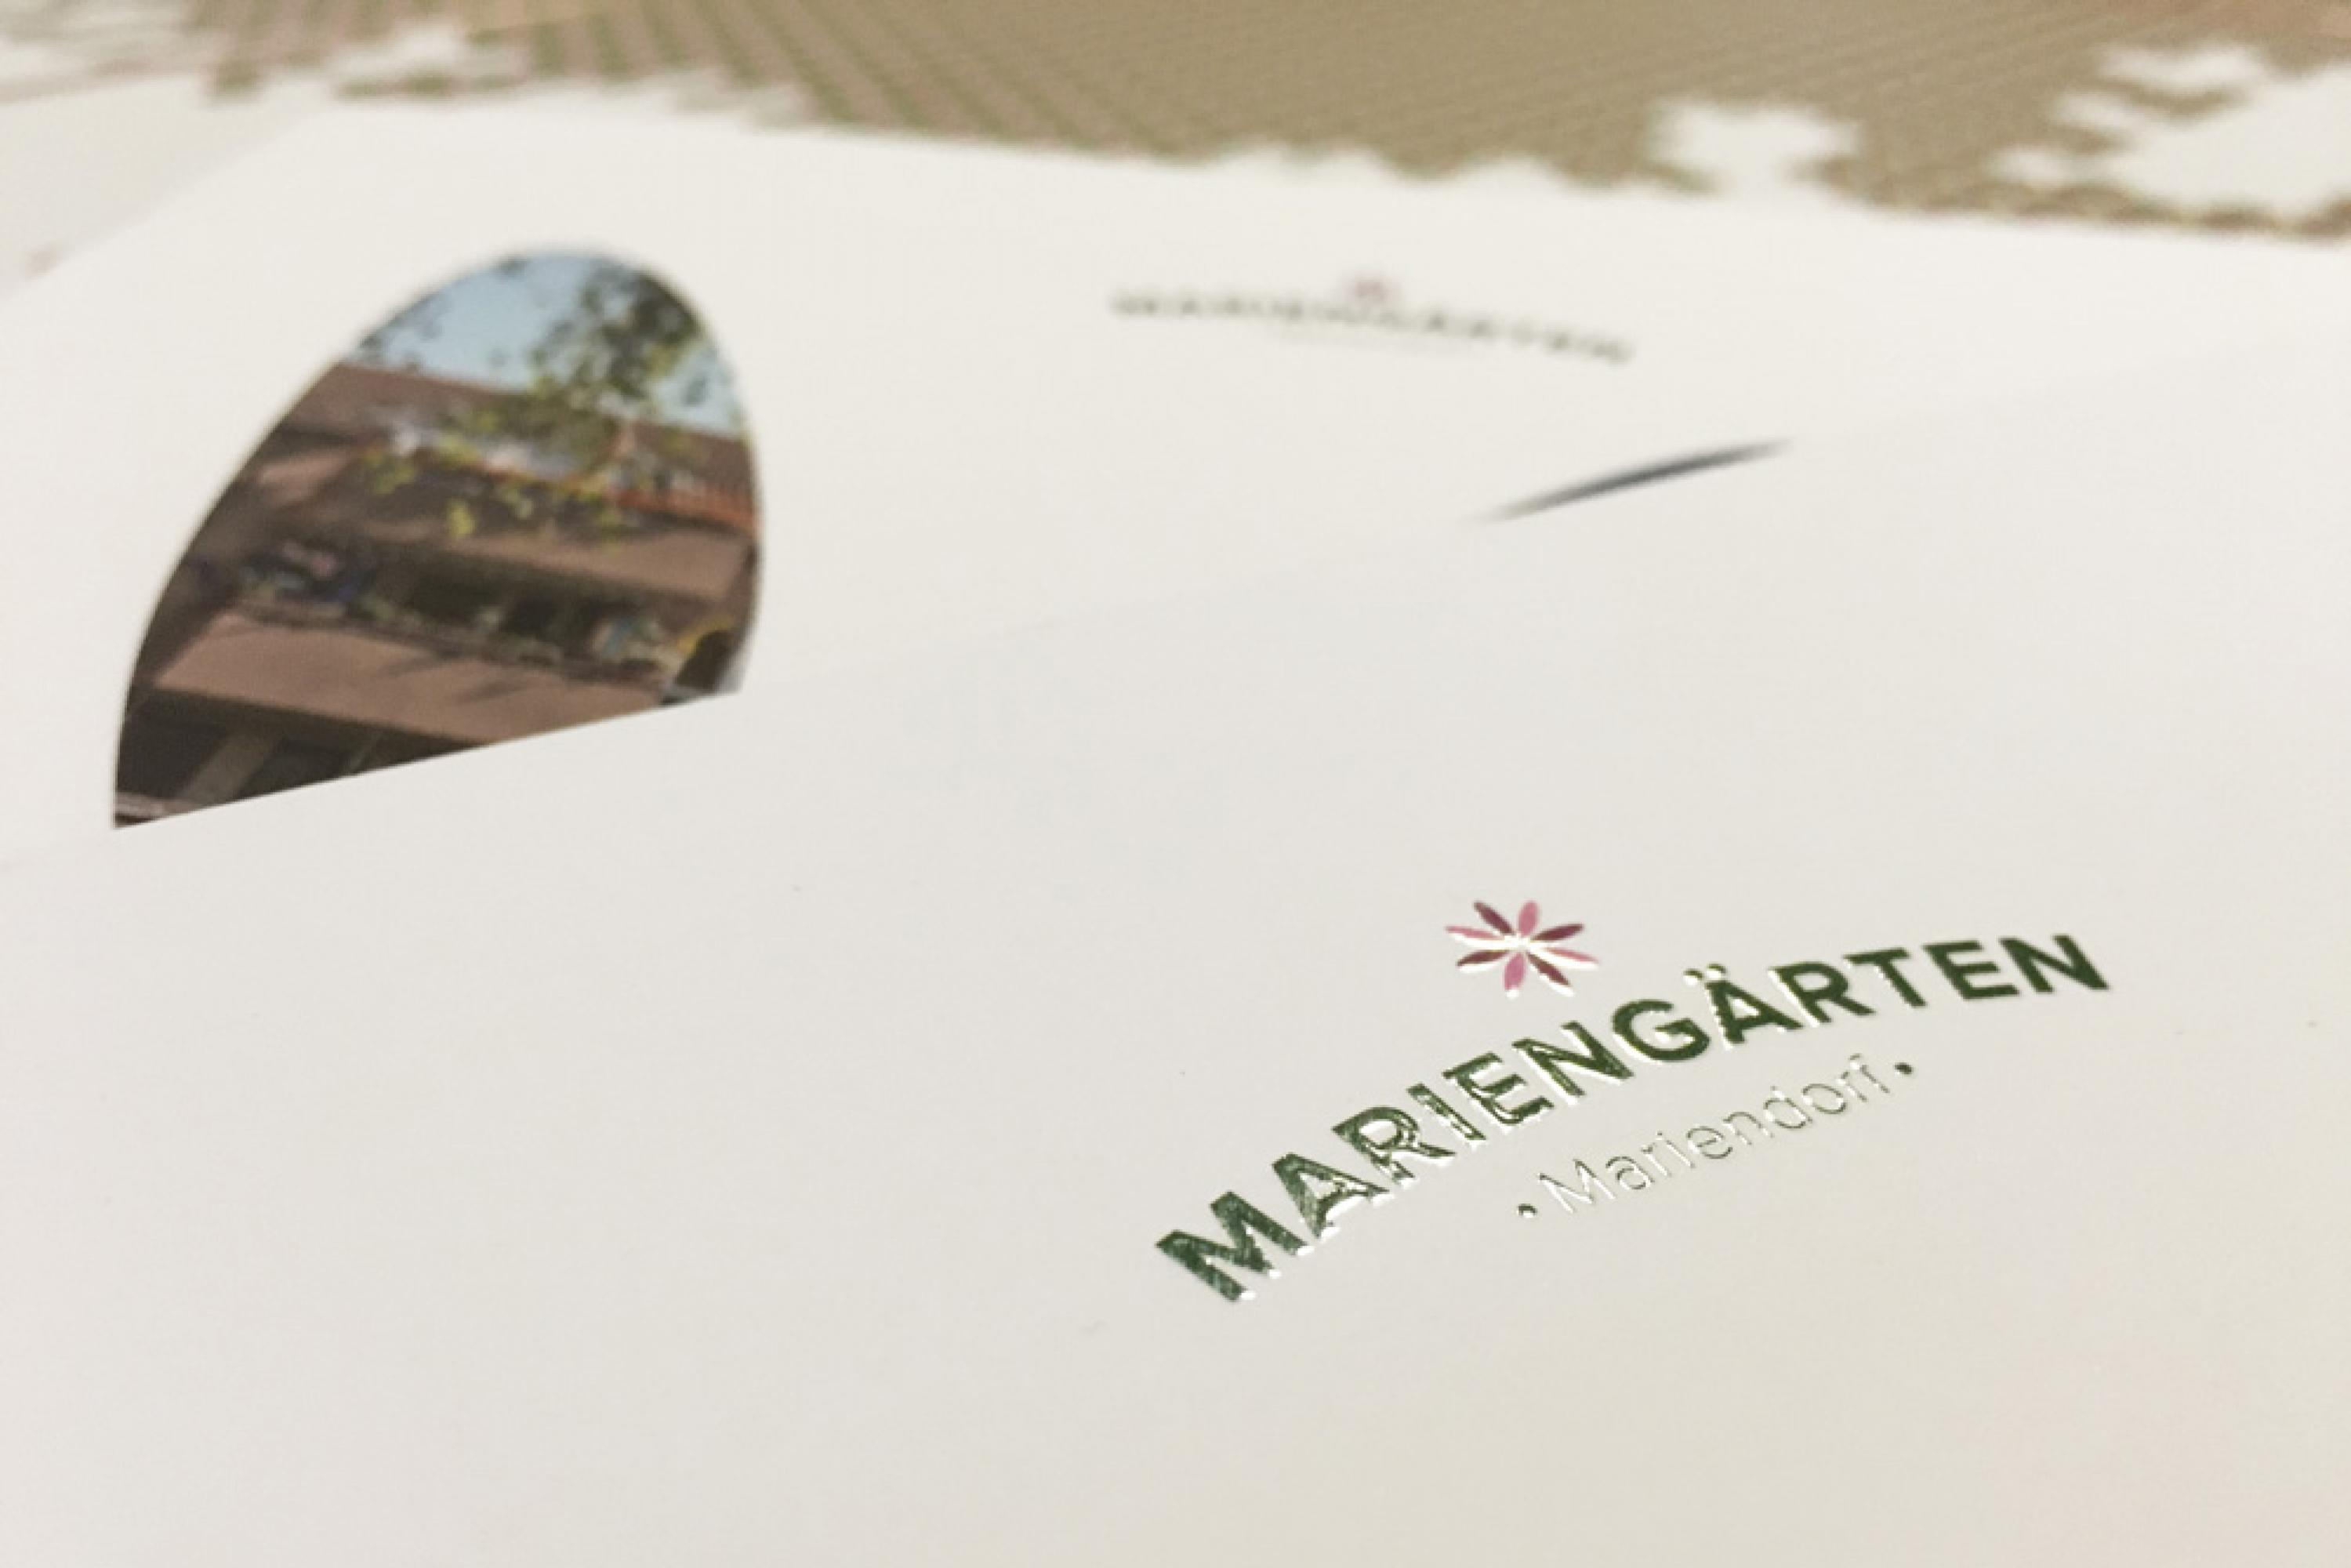 11immobilien-broschüre-design-grafik-branding-berlin09